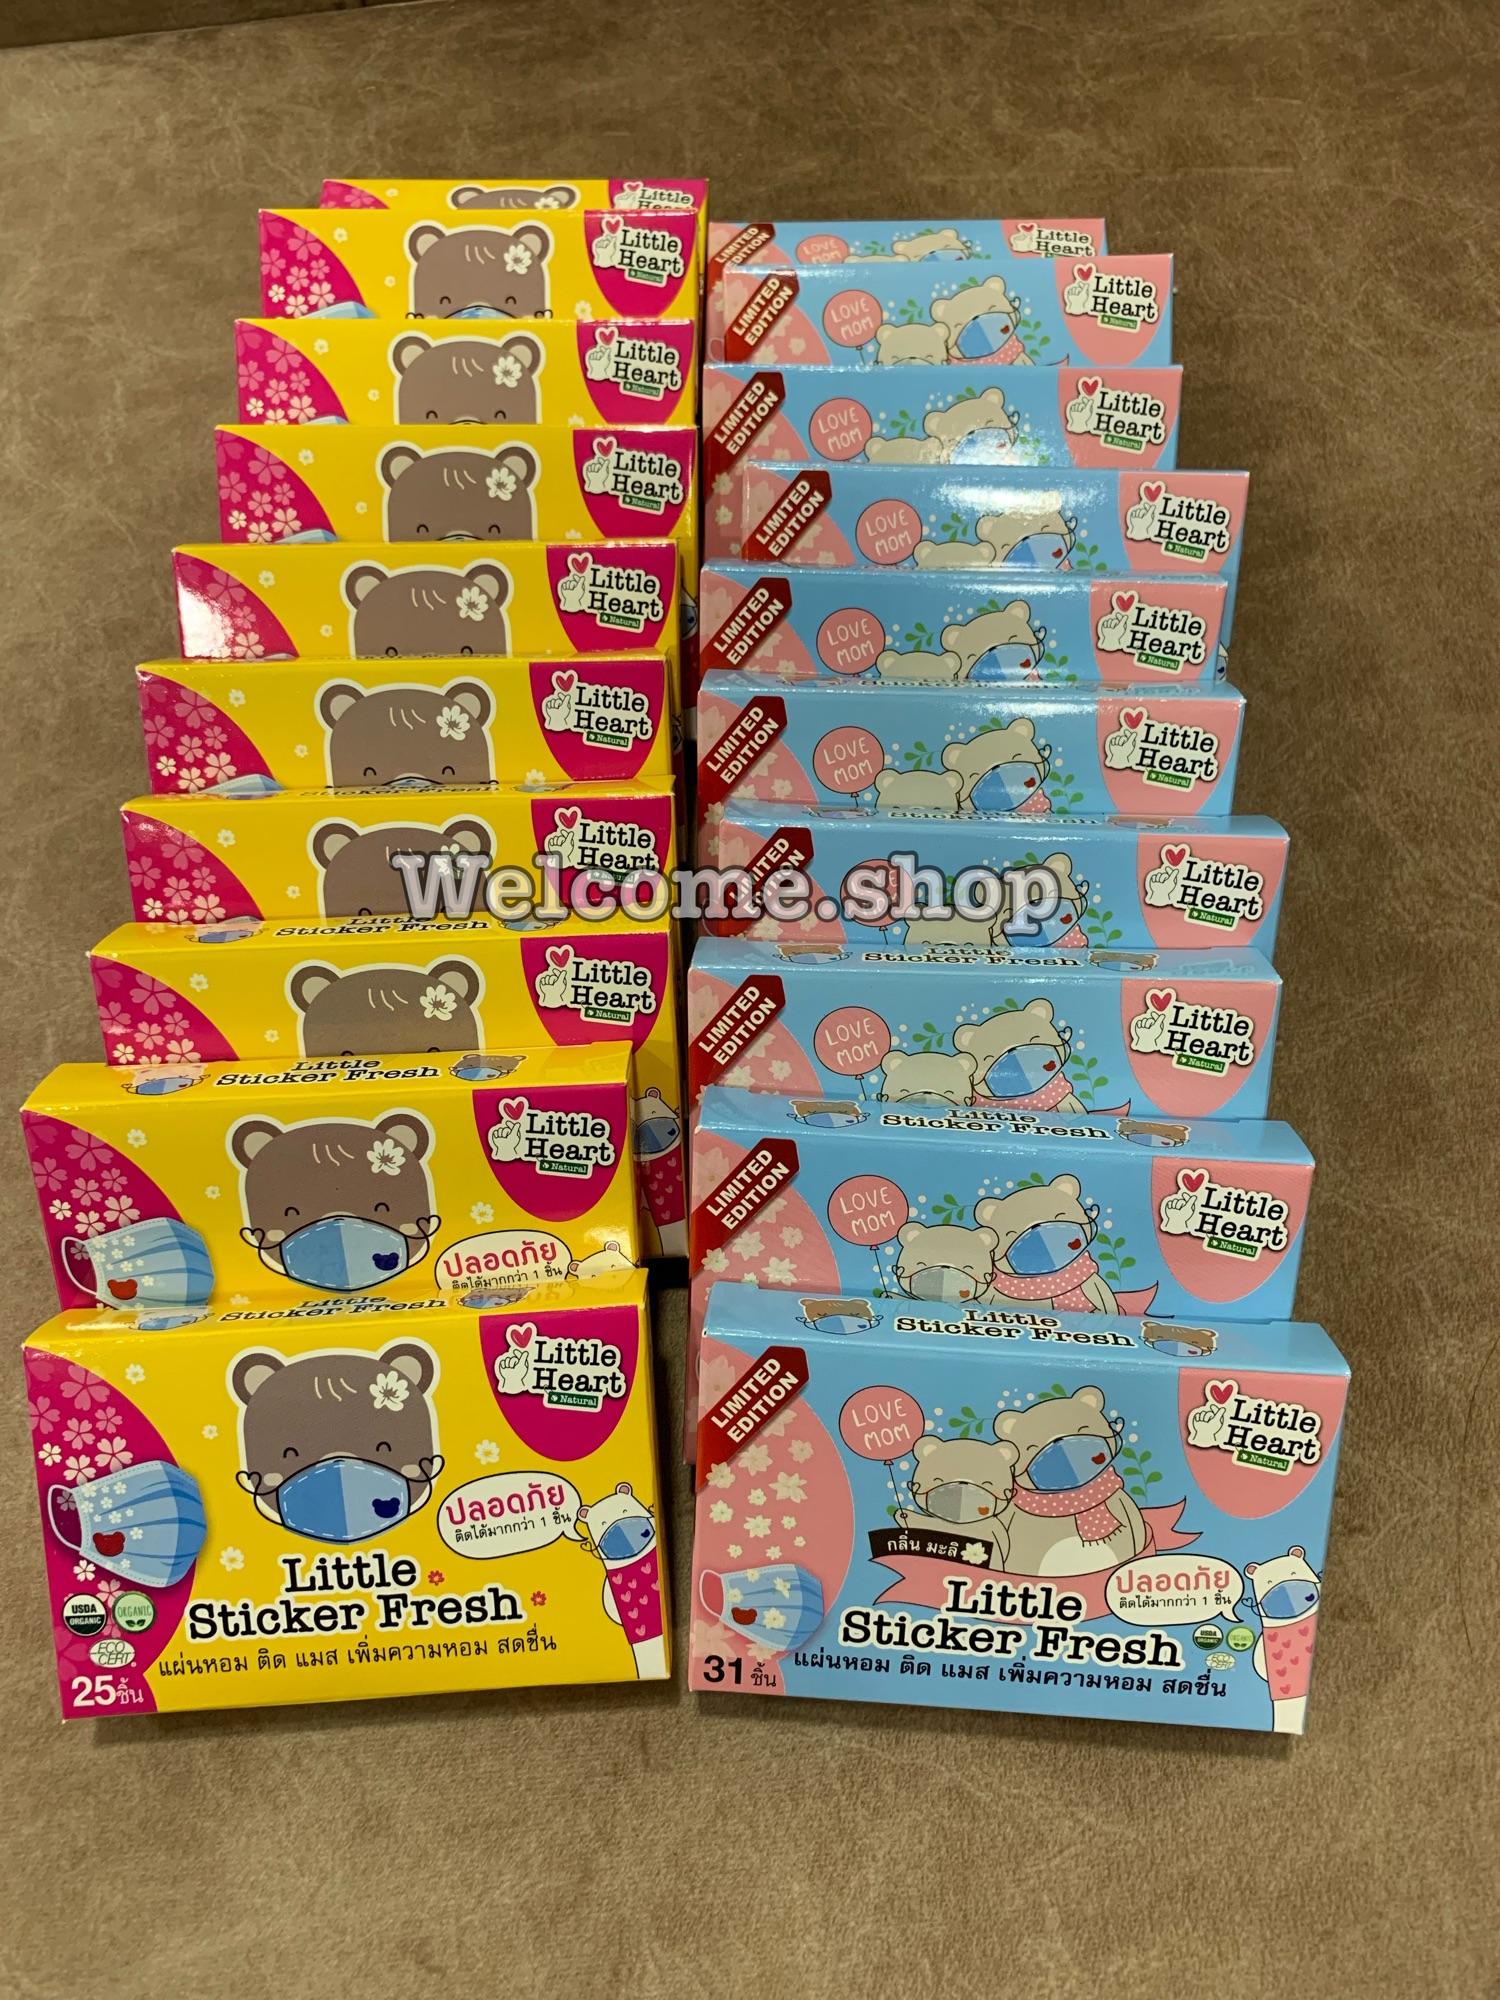 สินค้าพร้อมส่ง !! แผ่นหอมแปะแมส Little sticker fresh